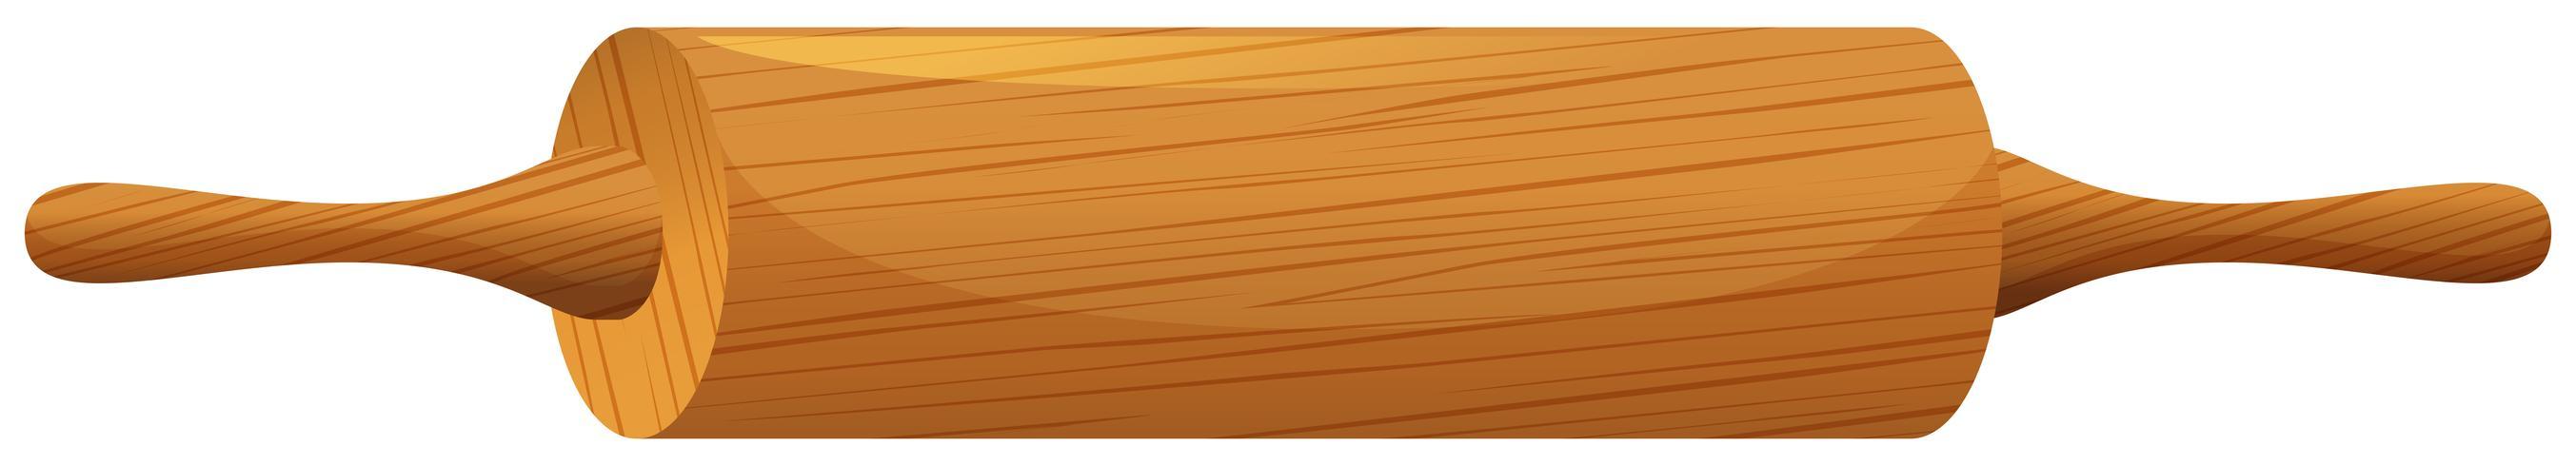 Rolo de madeira